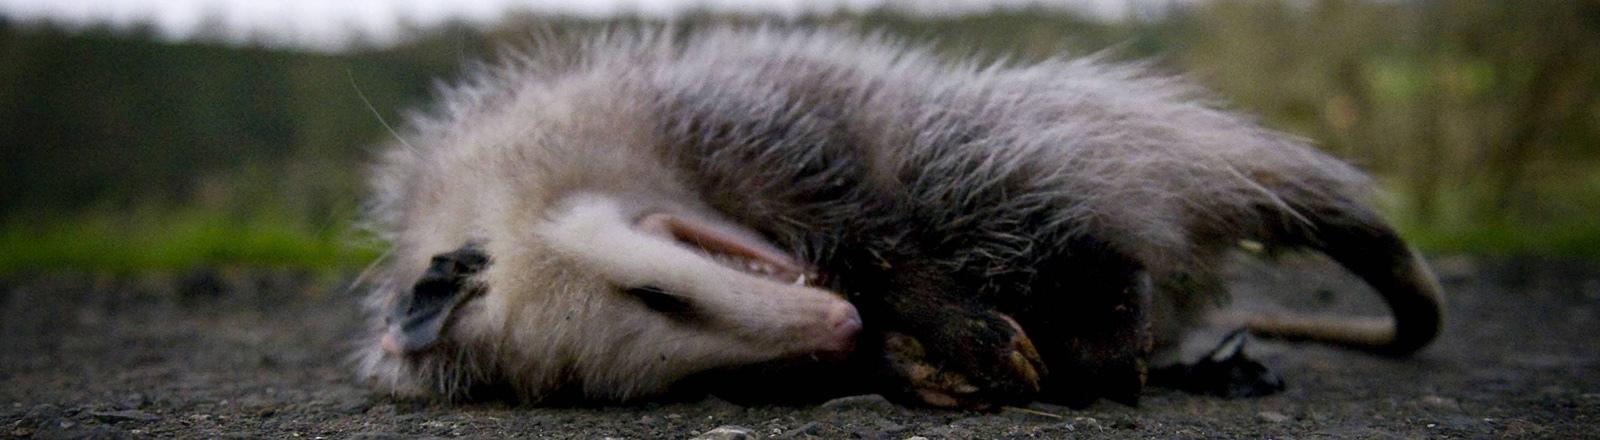 Ein Opossum stellt sich tot